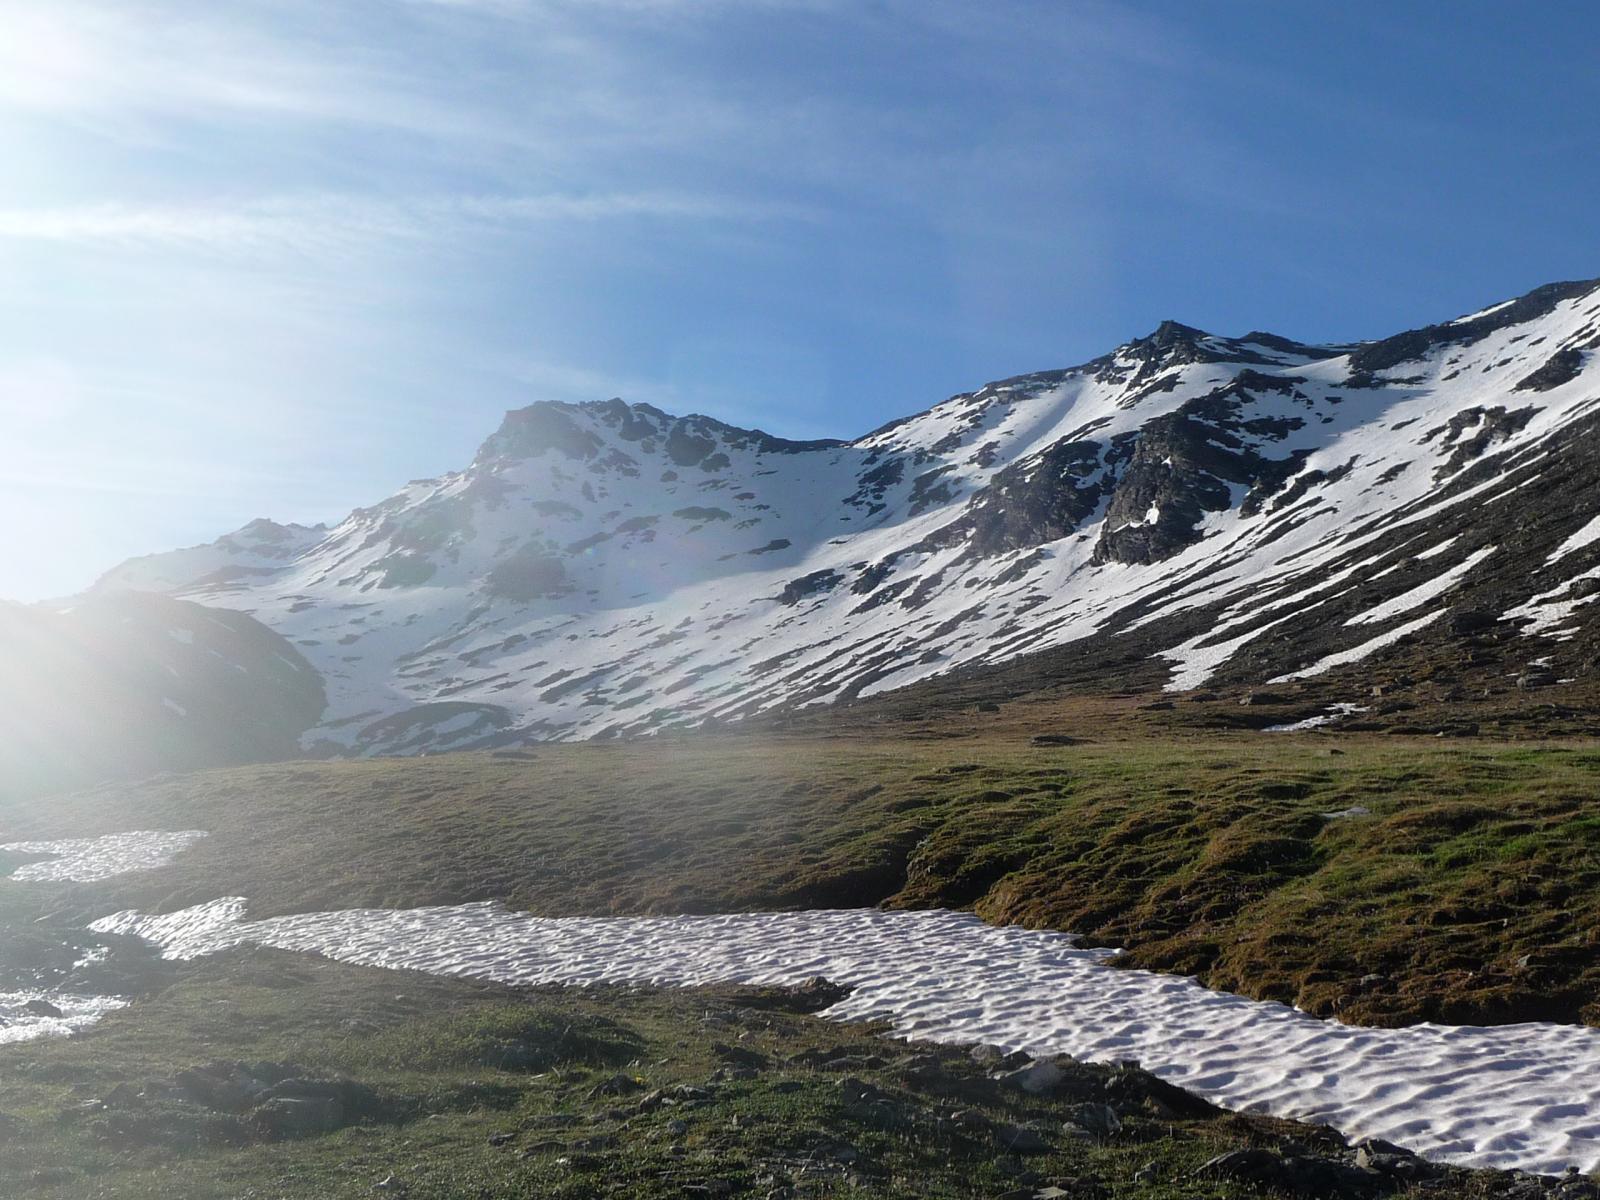 pianoro a 2500 m.nel vallone d'Almiane